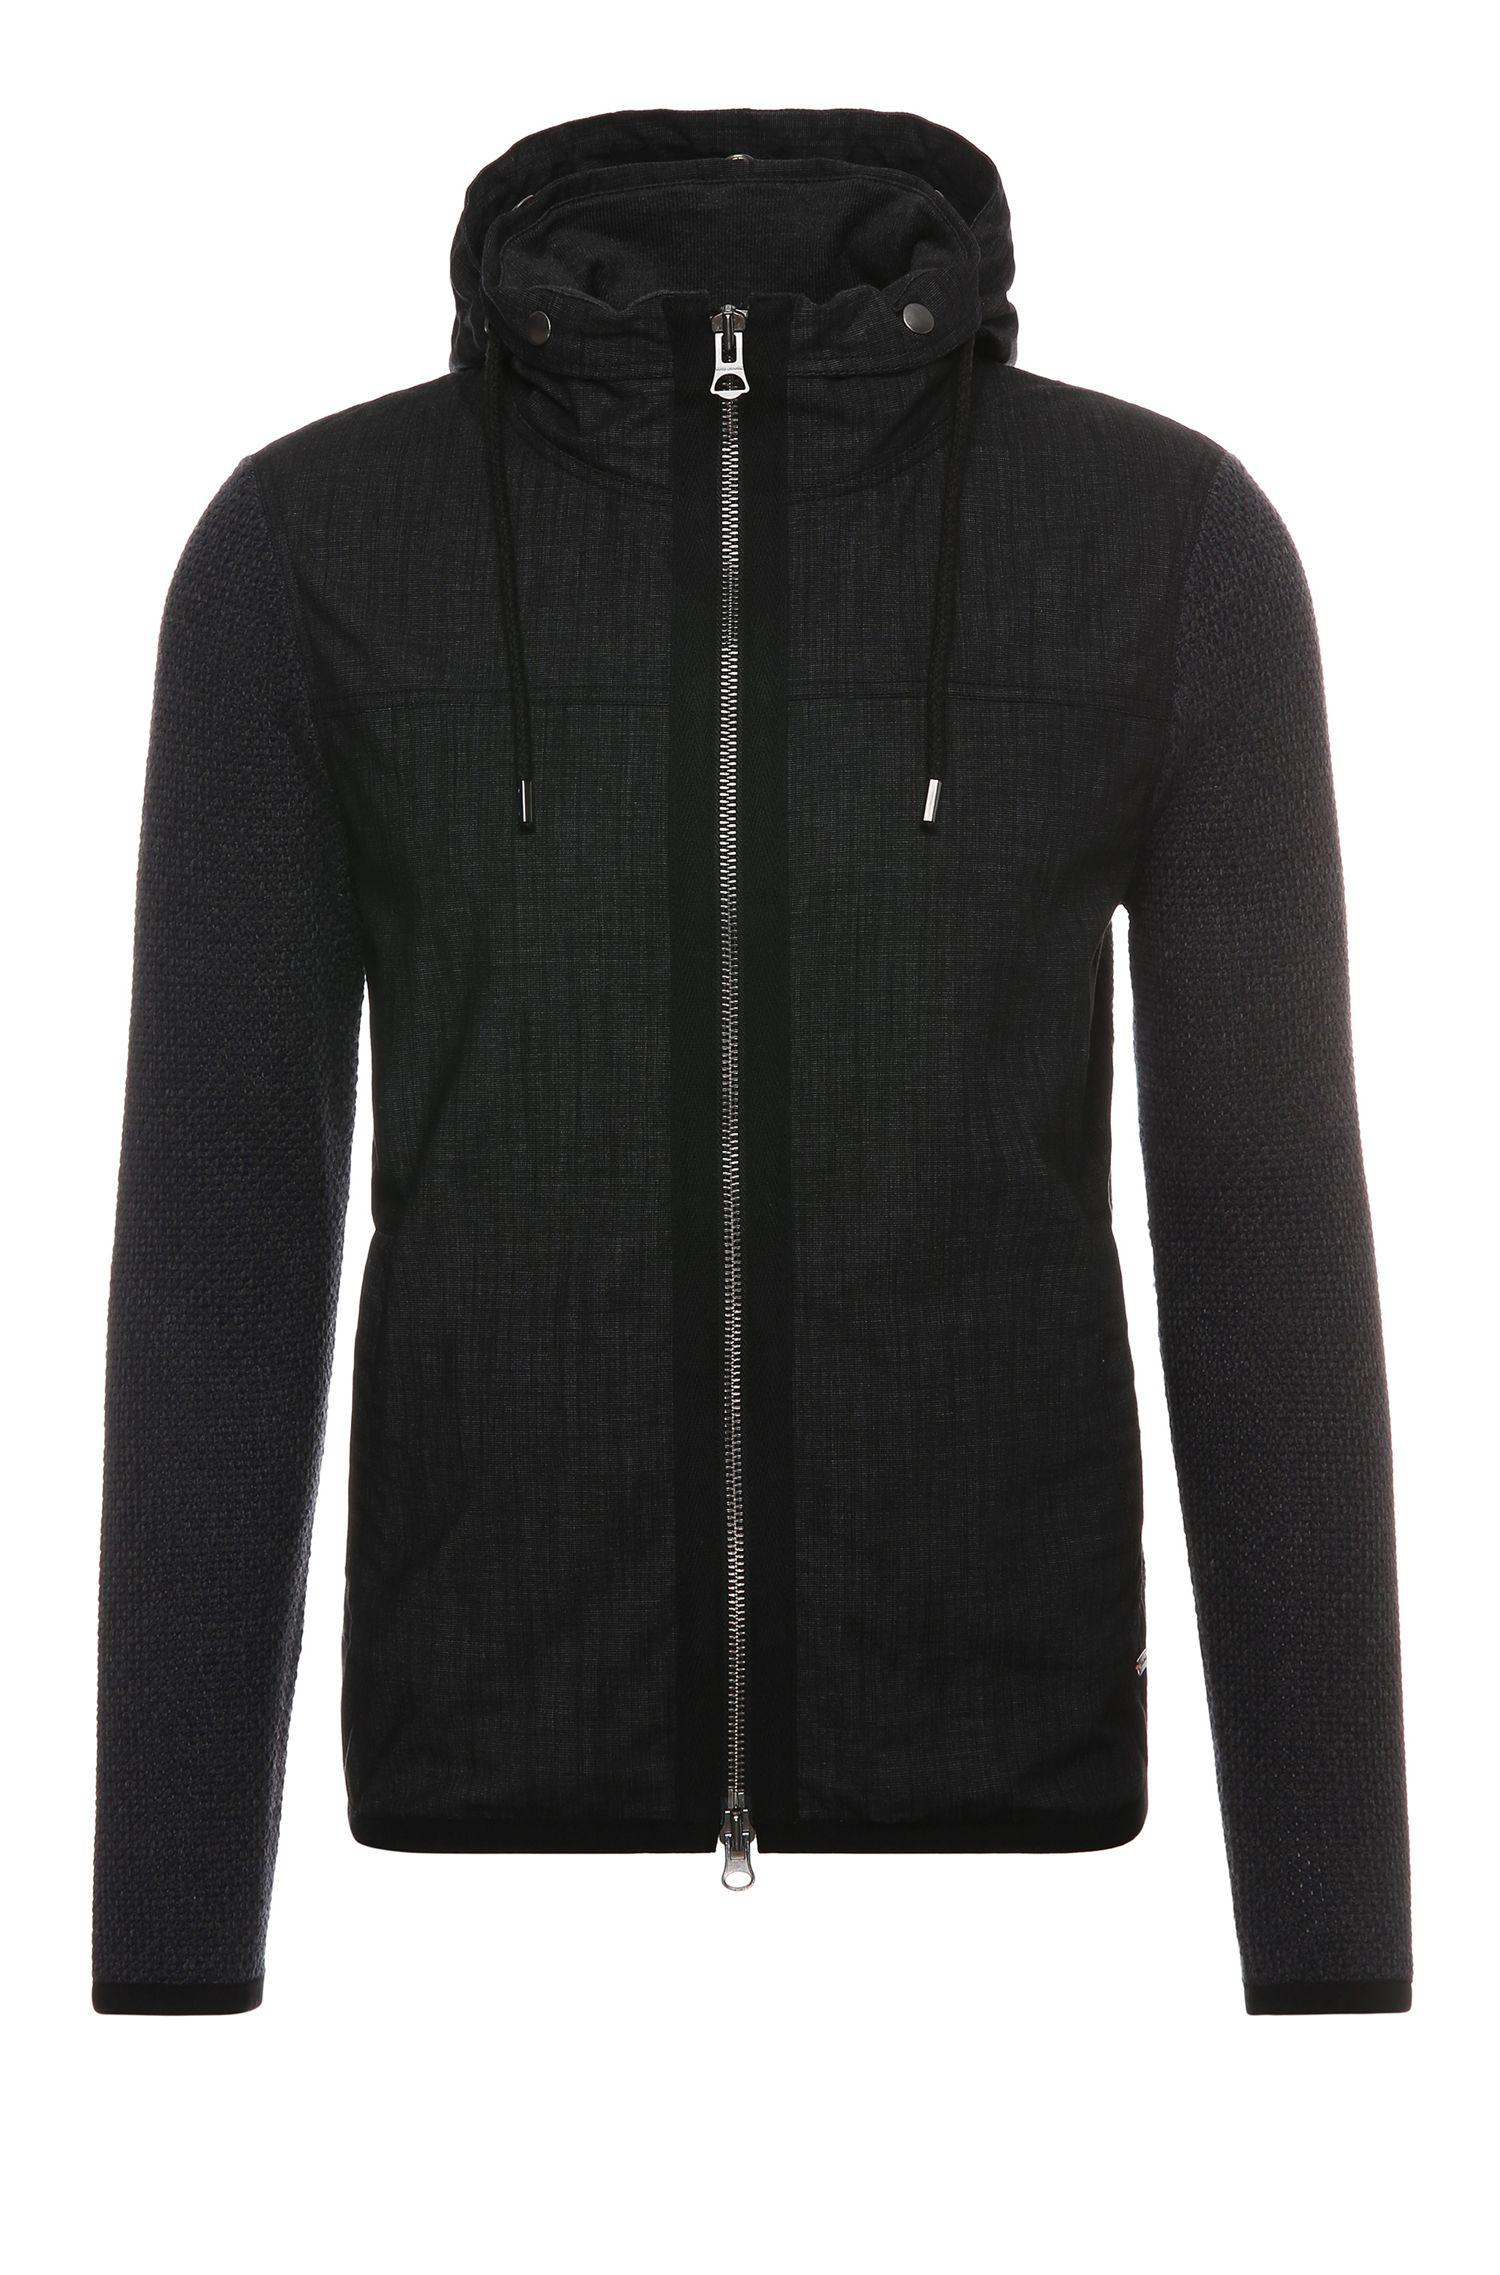 'Azykmir'   Cotton Mixed Media Jacket, Detachable Hood